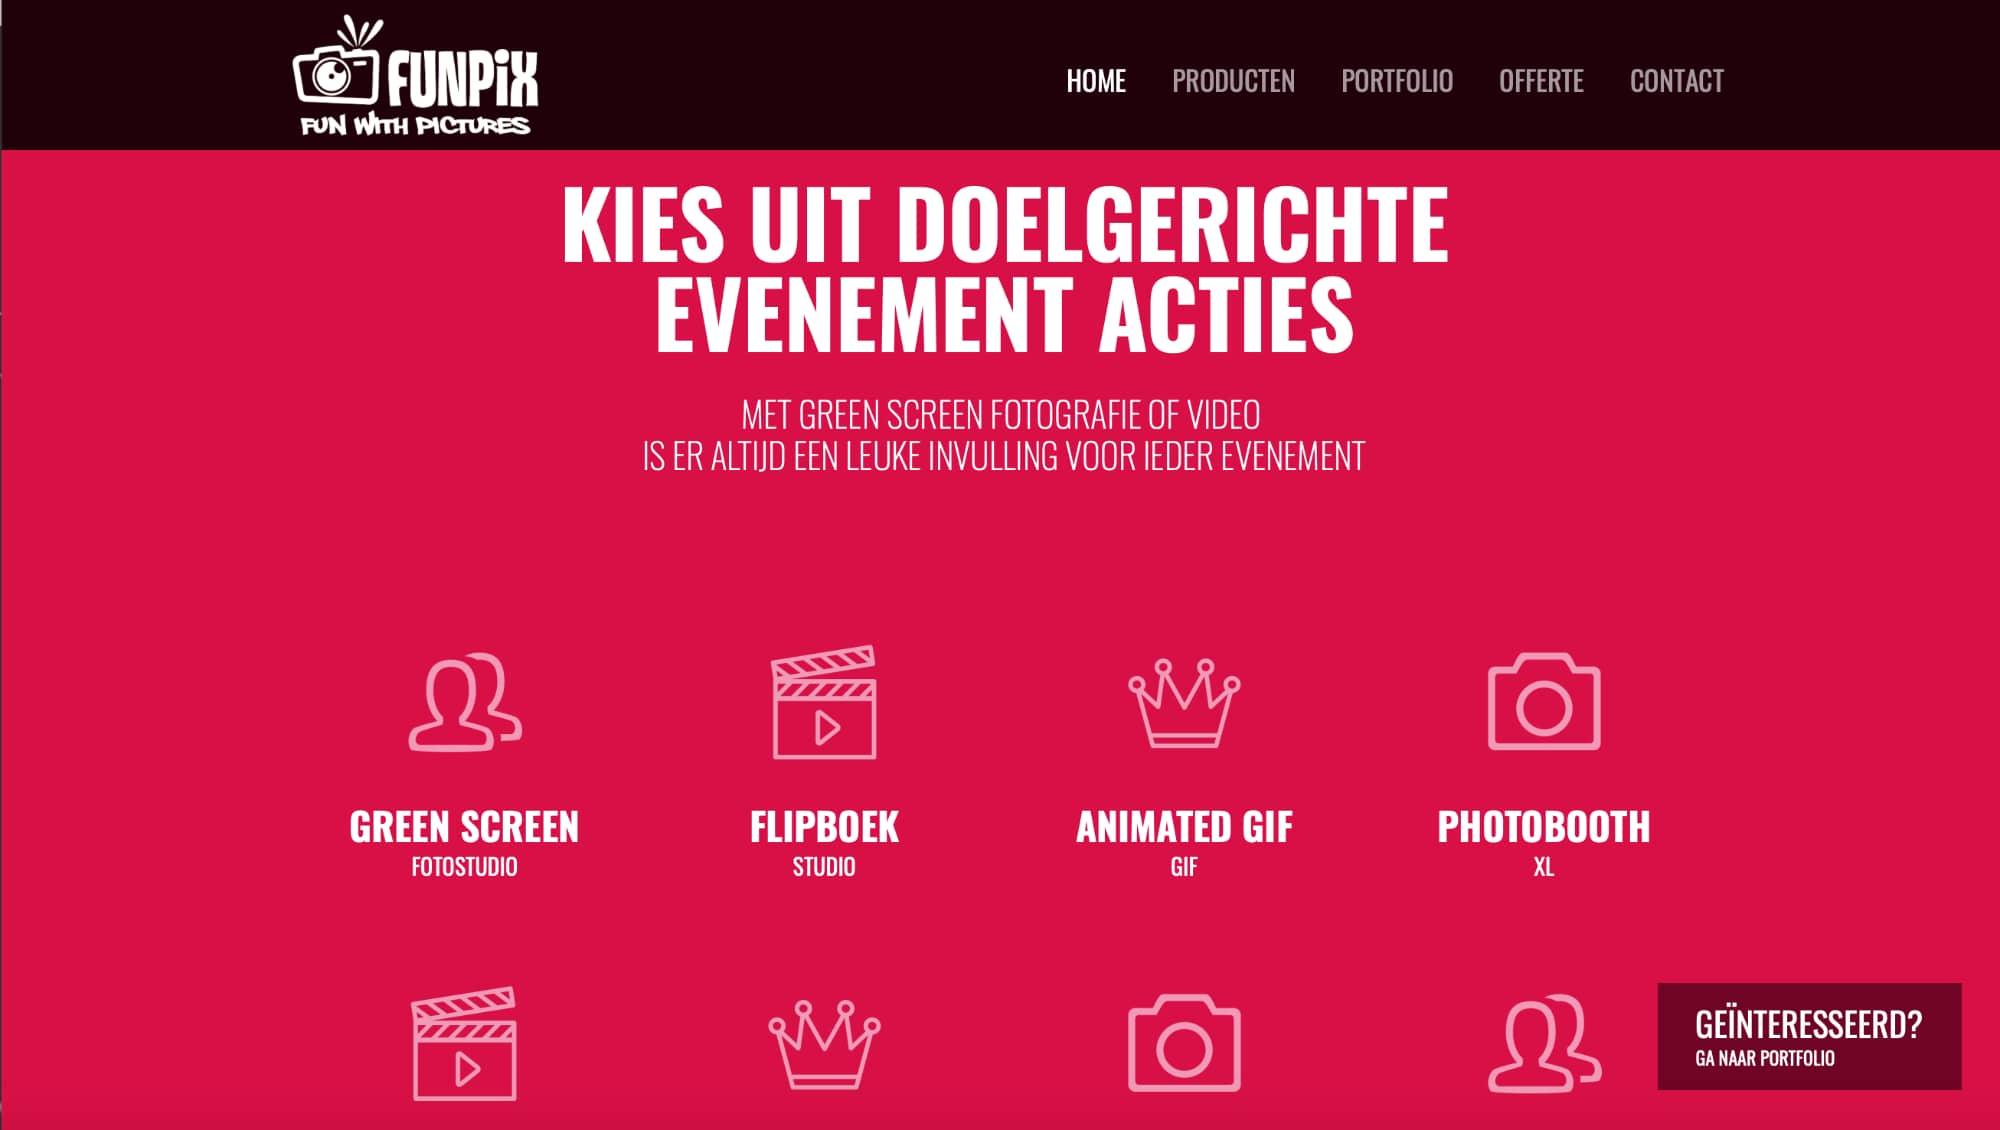 Pagina van website Funpix